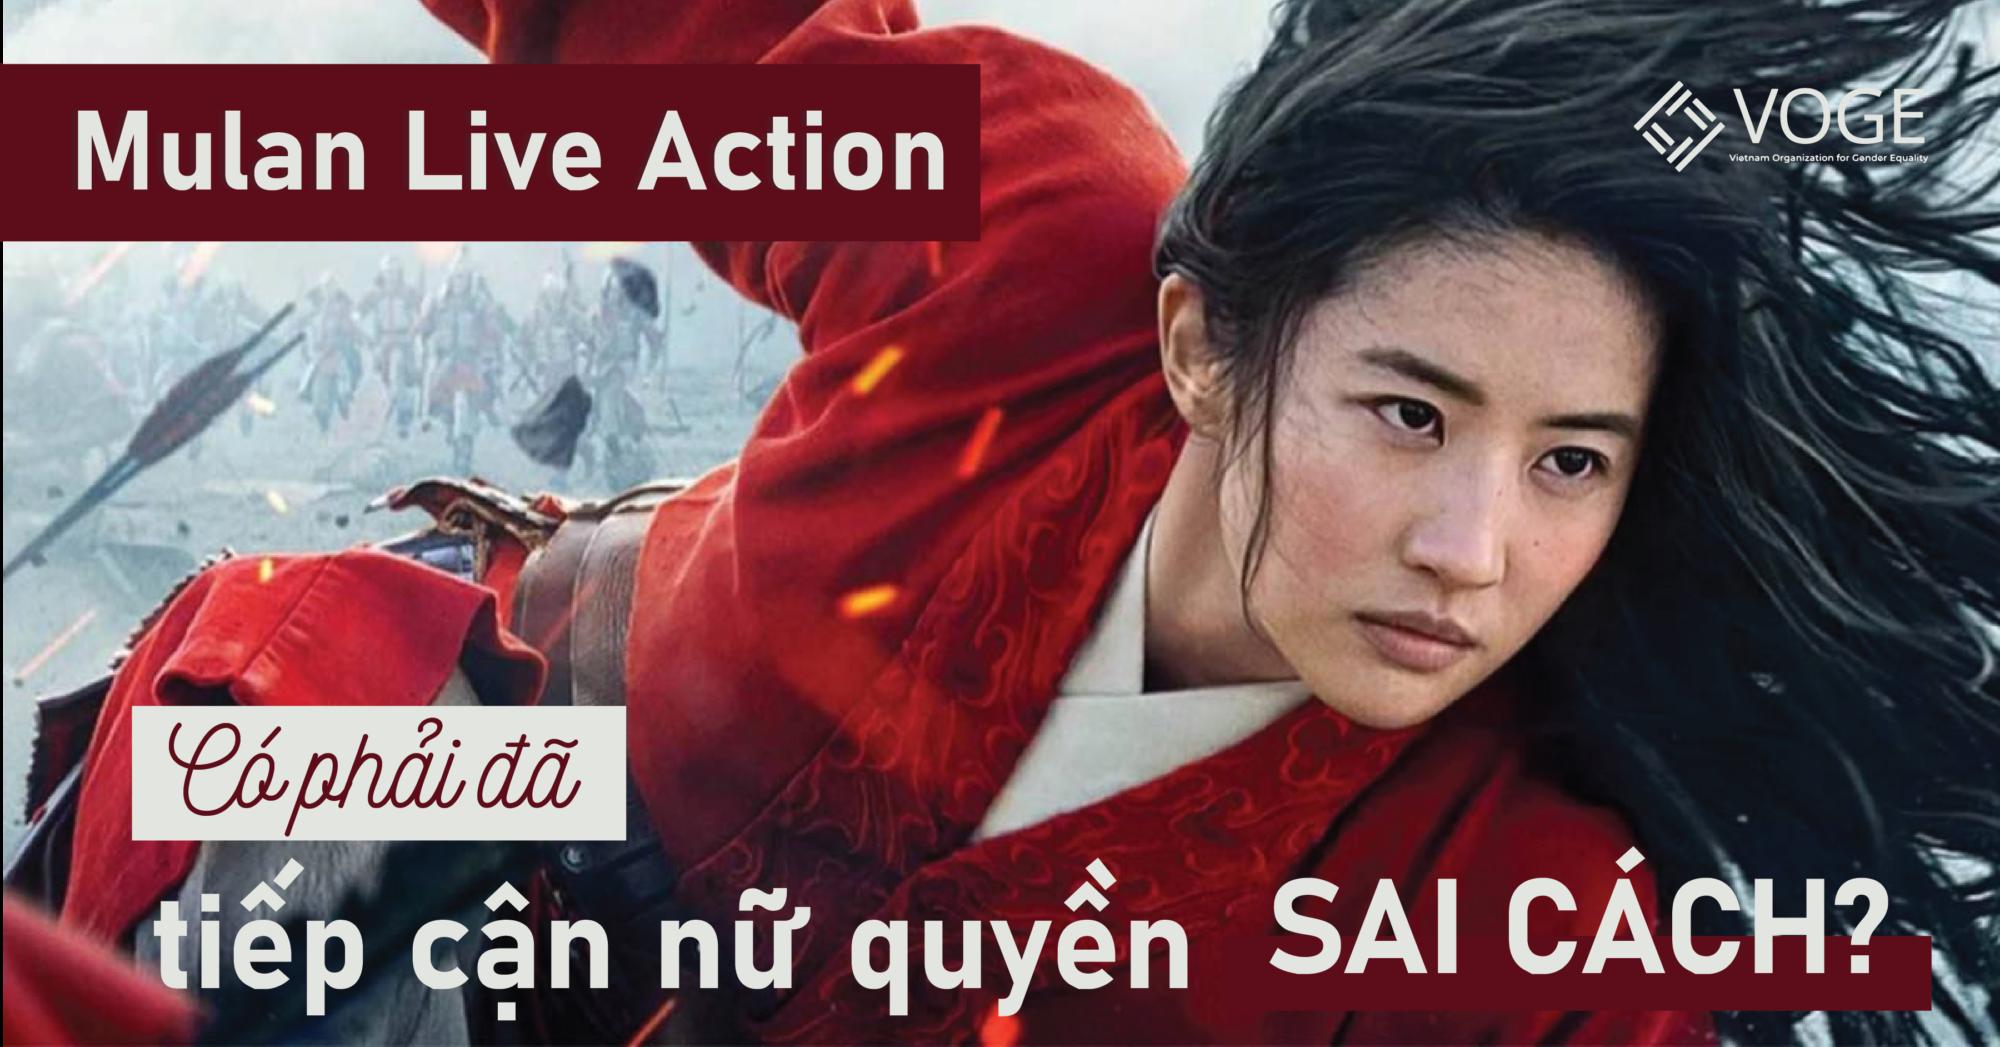 Mulan Live Action Có phải đã tiếp cận nữ quyền sai cách